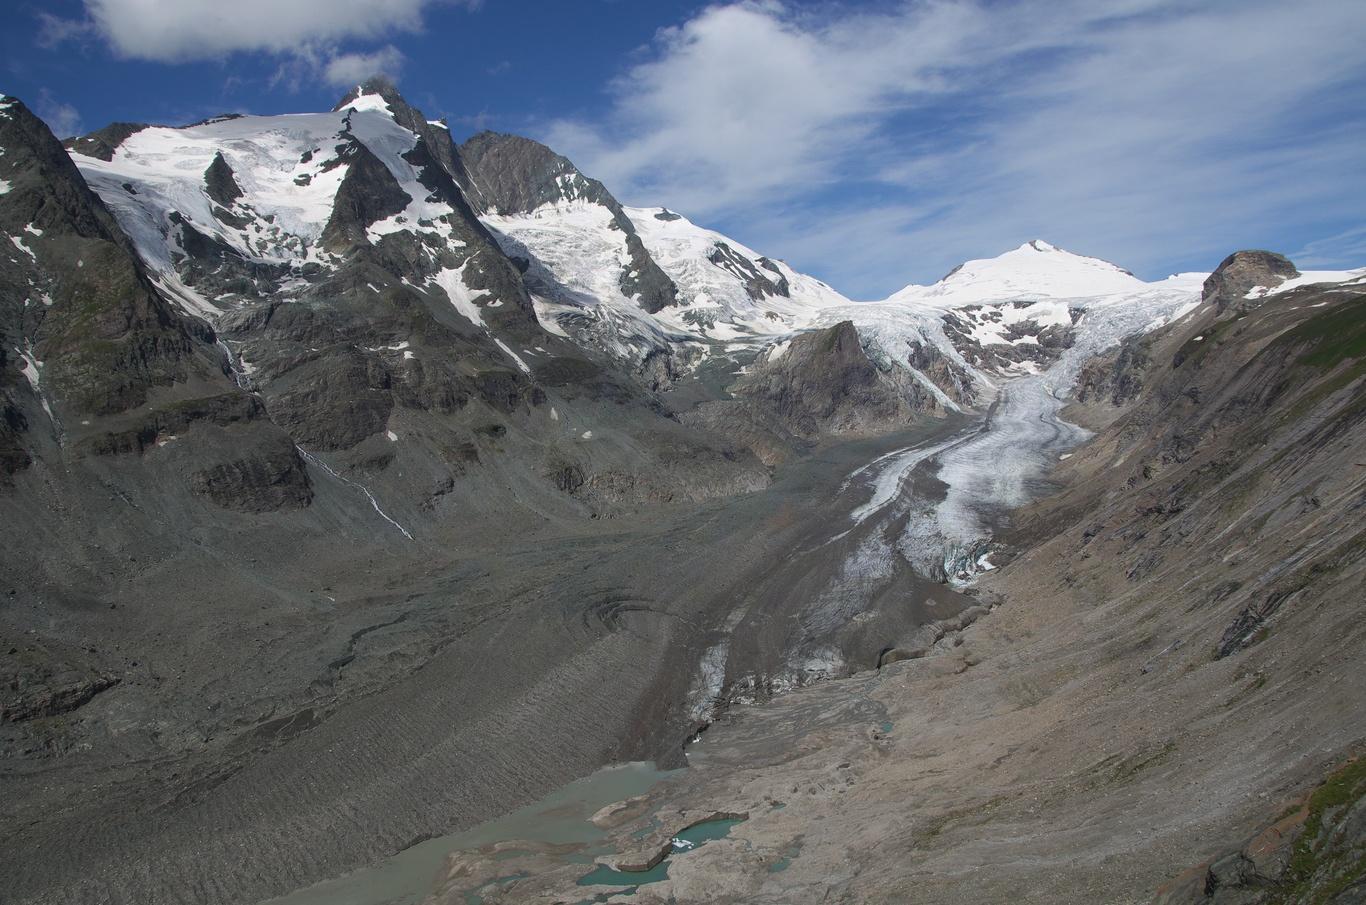 Grossglockner, Johannisberg a ledovec Pasterze